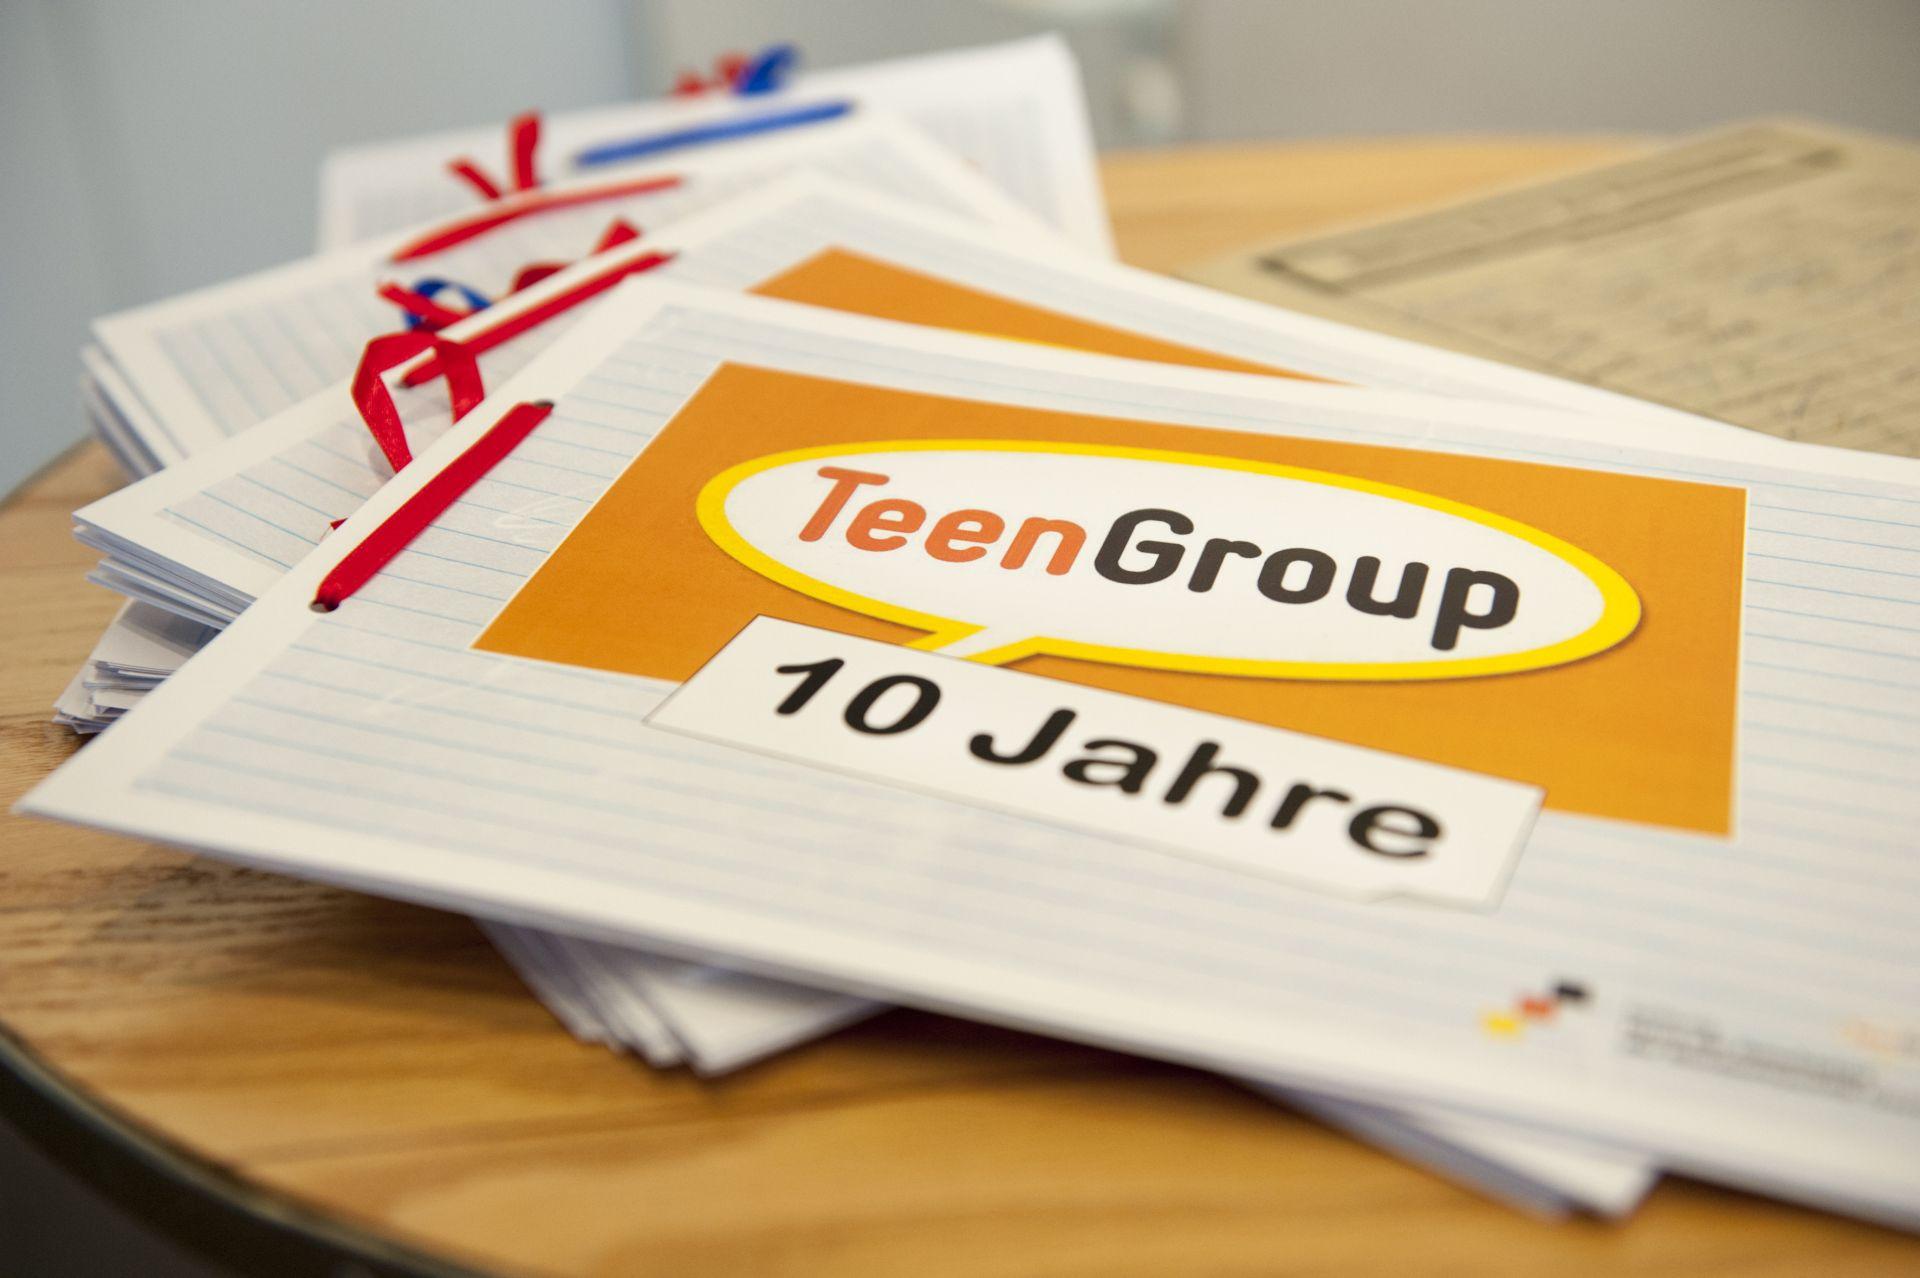 Das Heft mit Erinnerungen zum 10jährigen Jubiläum der TeenGroup im Haus der Geschichte in Bonn